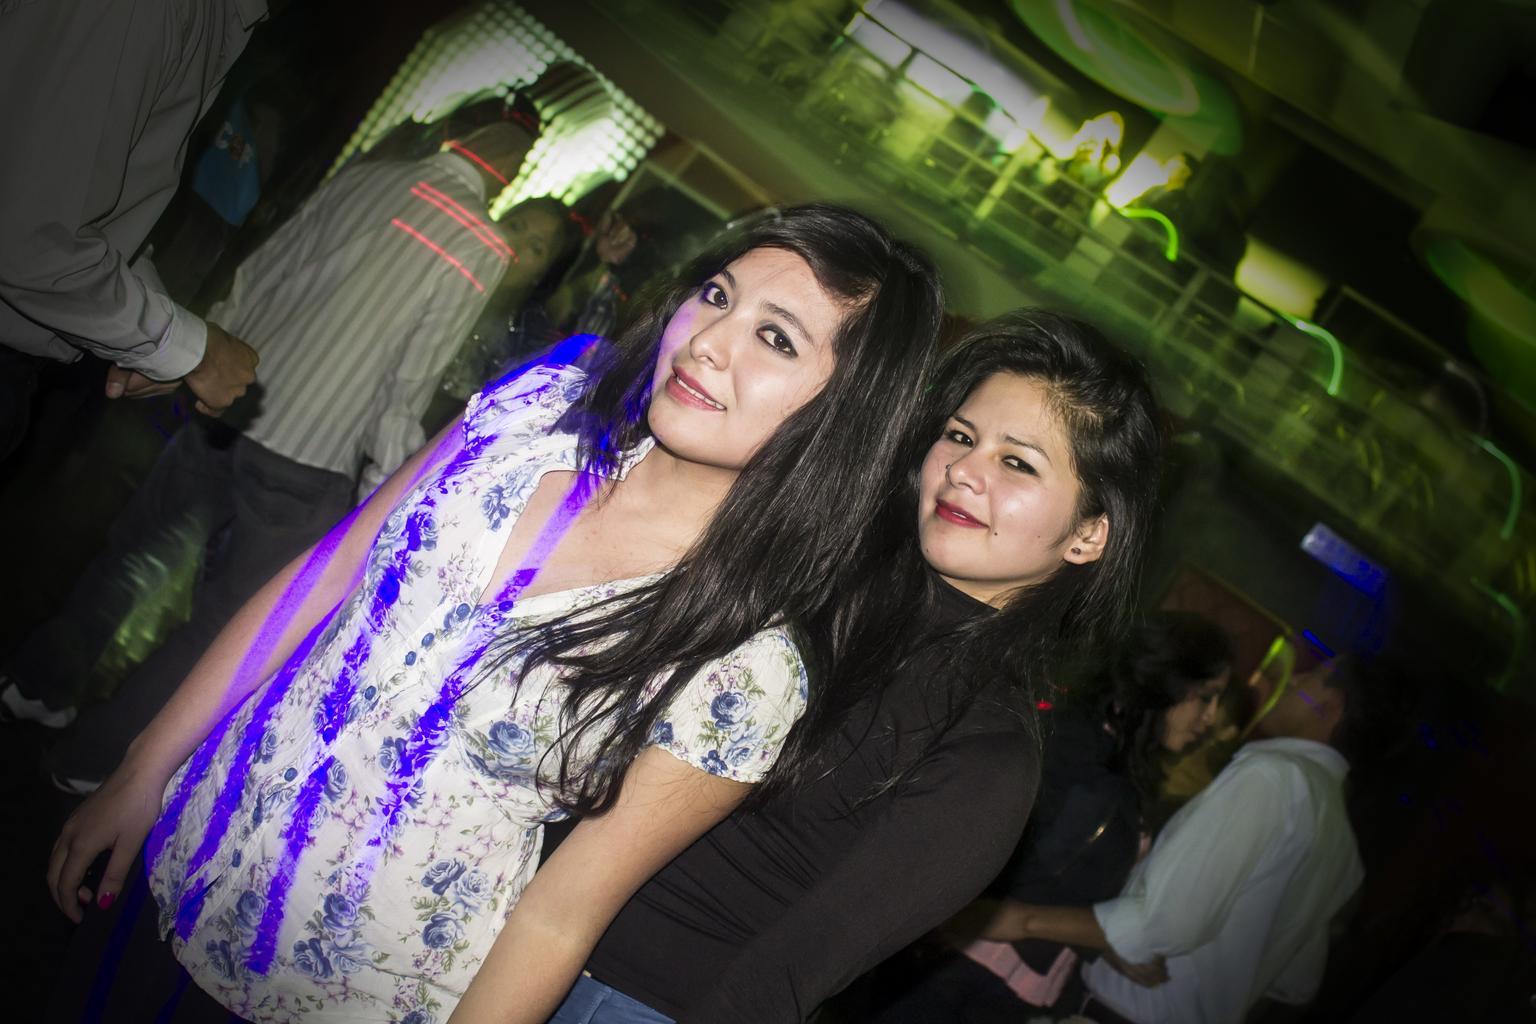 mladé ženy pri bare